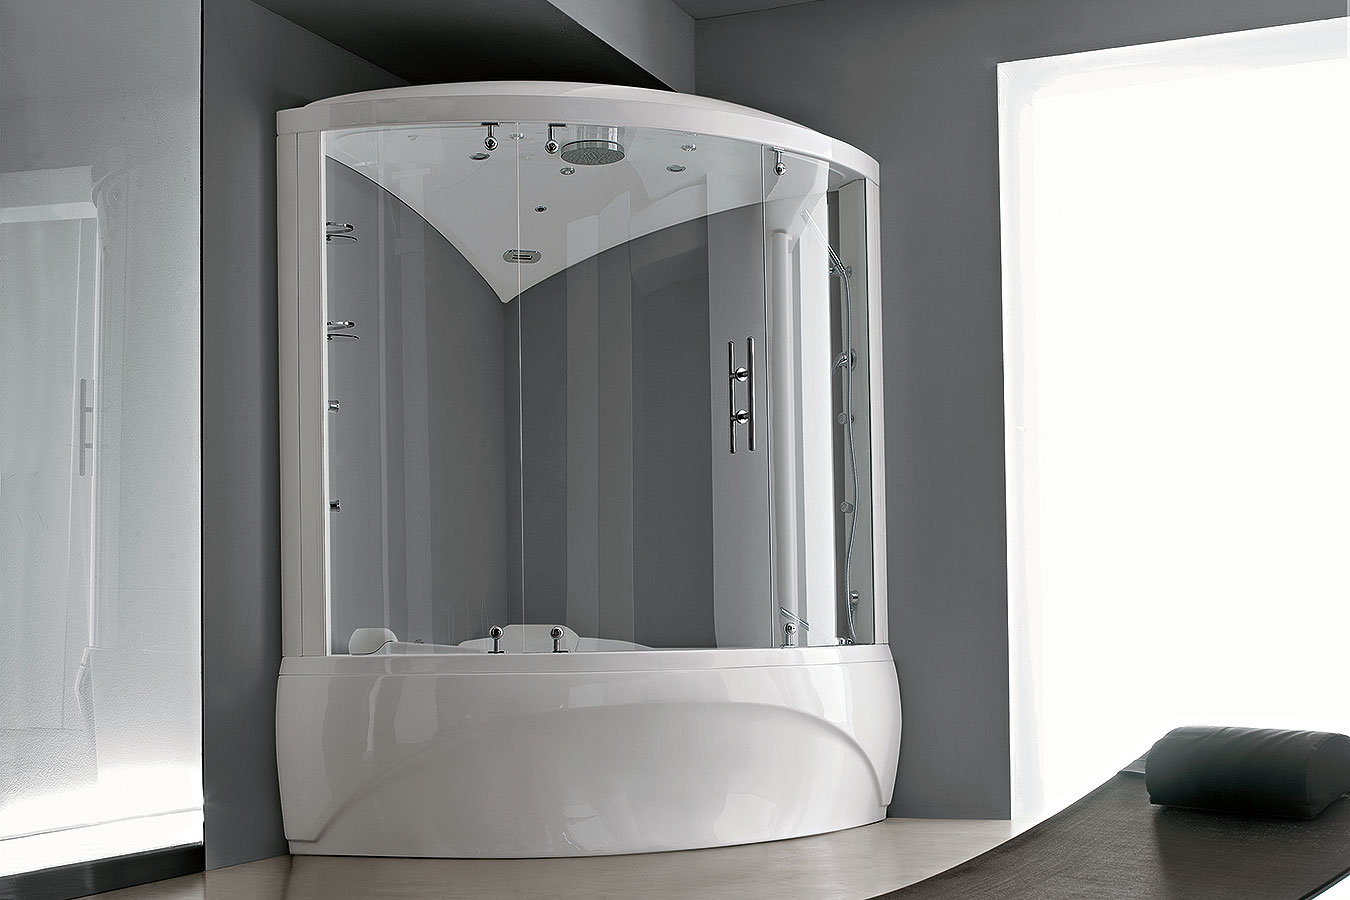 Vasche Da Bagno Teuco Angolari : Vasche da bagno piccole dimensioni con seduta doccia modelli